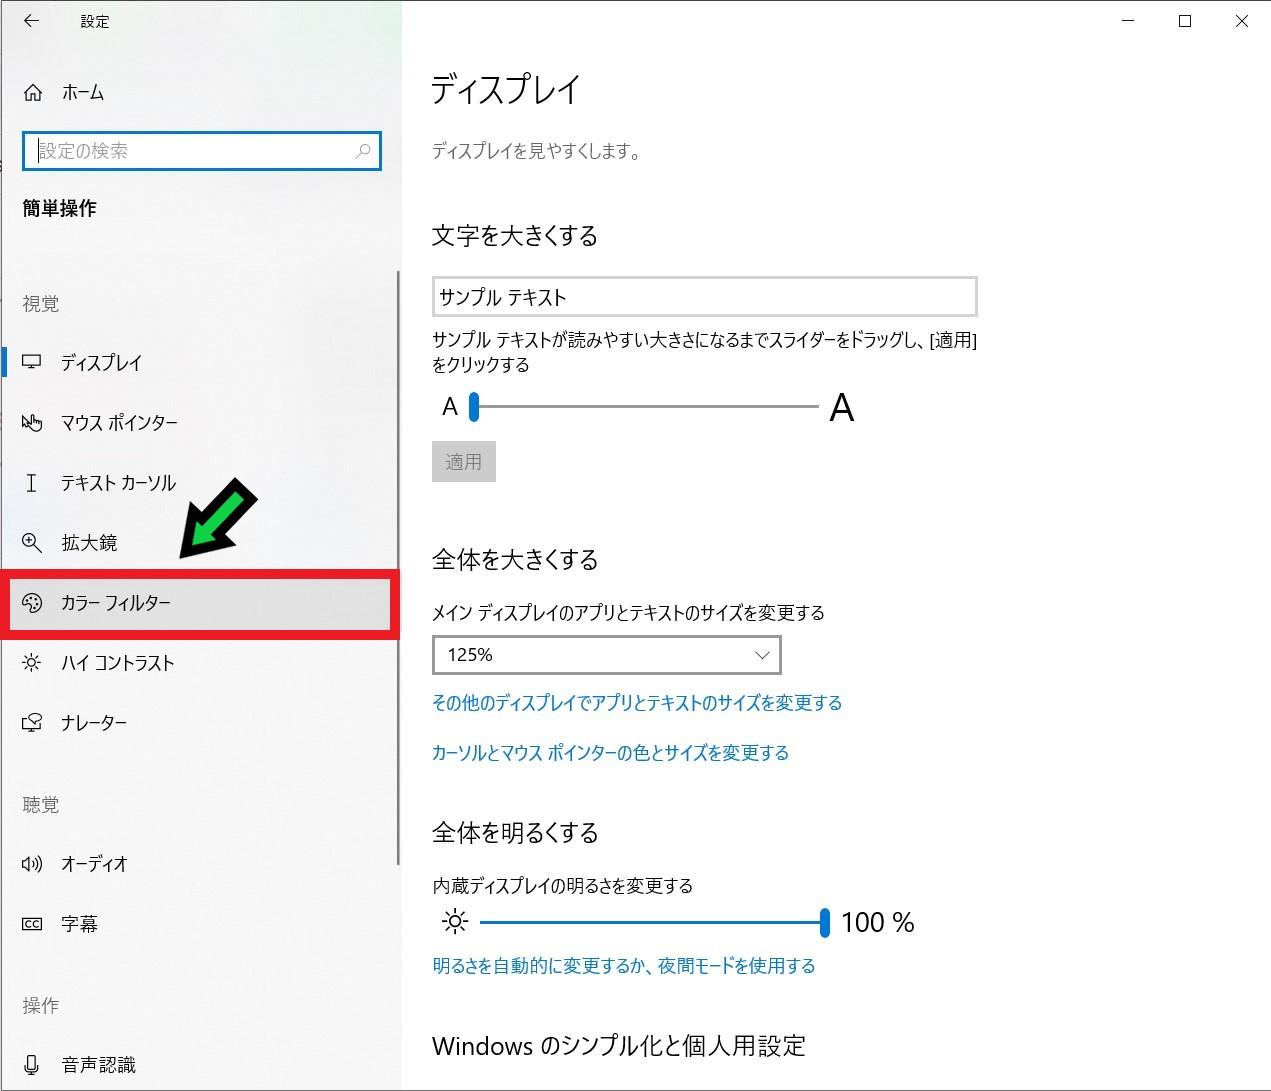 【色弱補助】パソコンで画面にカラーフィルターを適用して、写真や色を見やすくする方法を解説【Windows10】